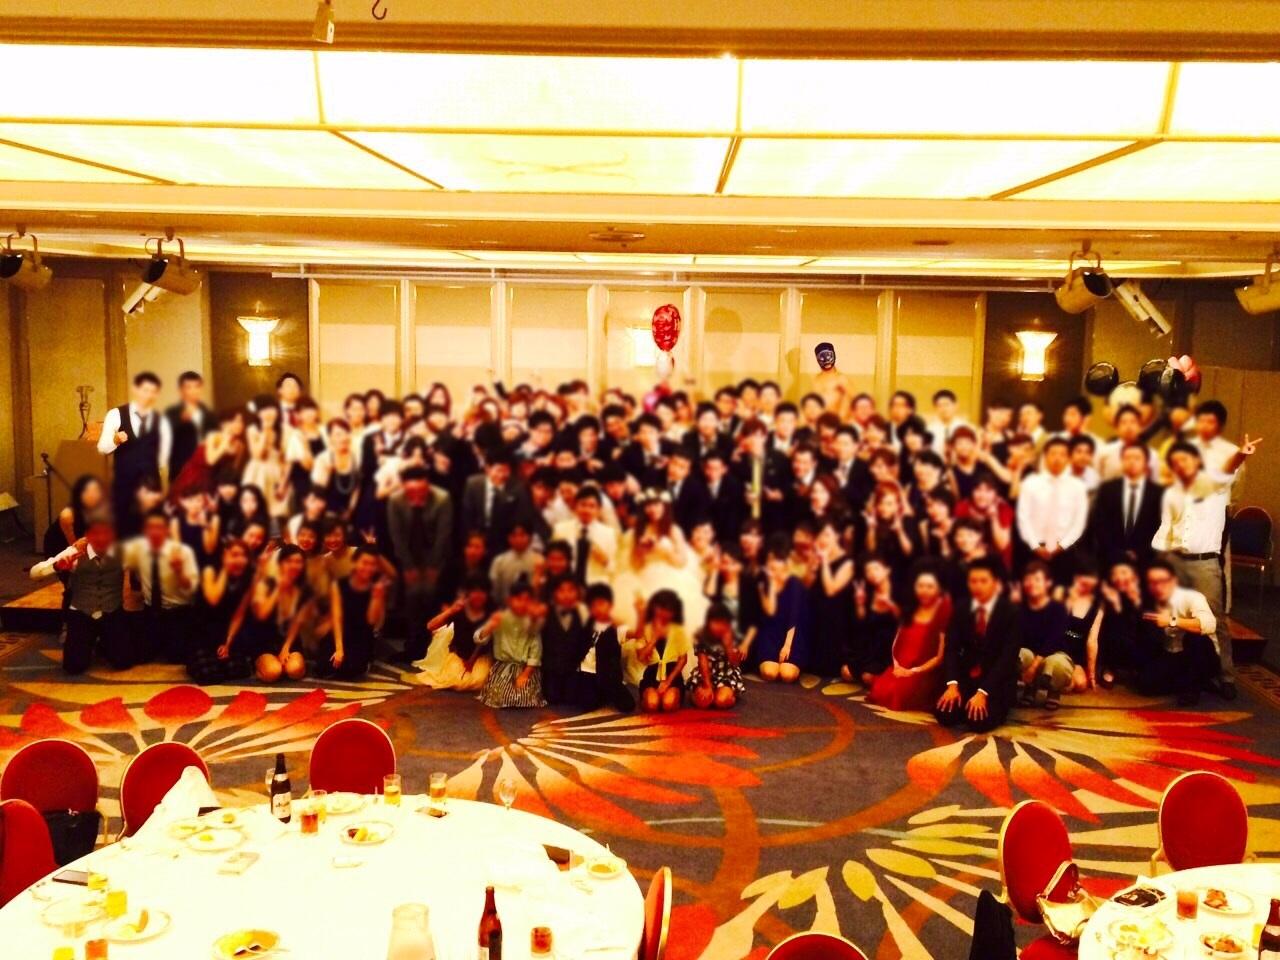 http://www.810810.co.jp/blog_run7/full2.jpg